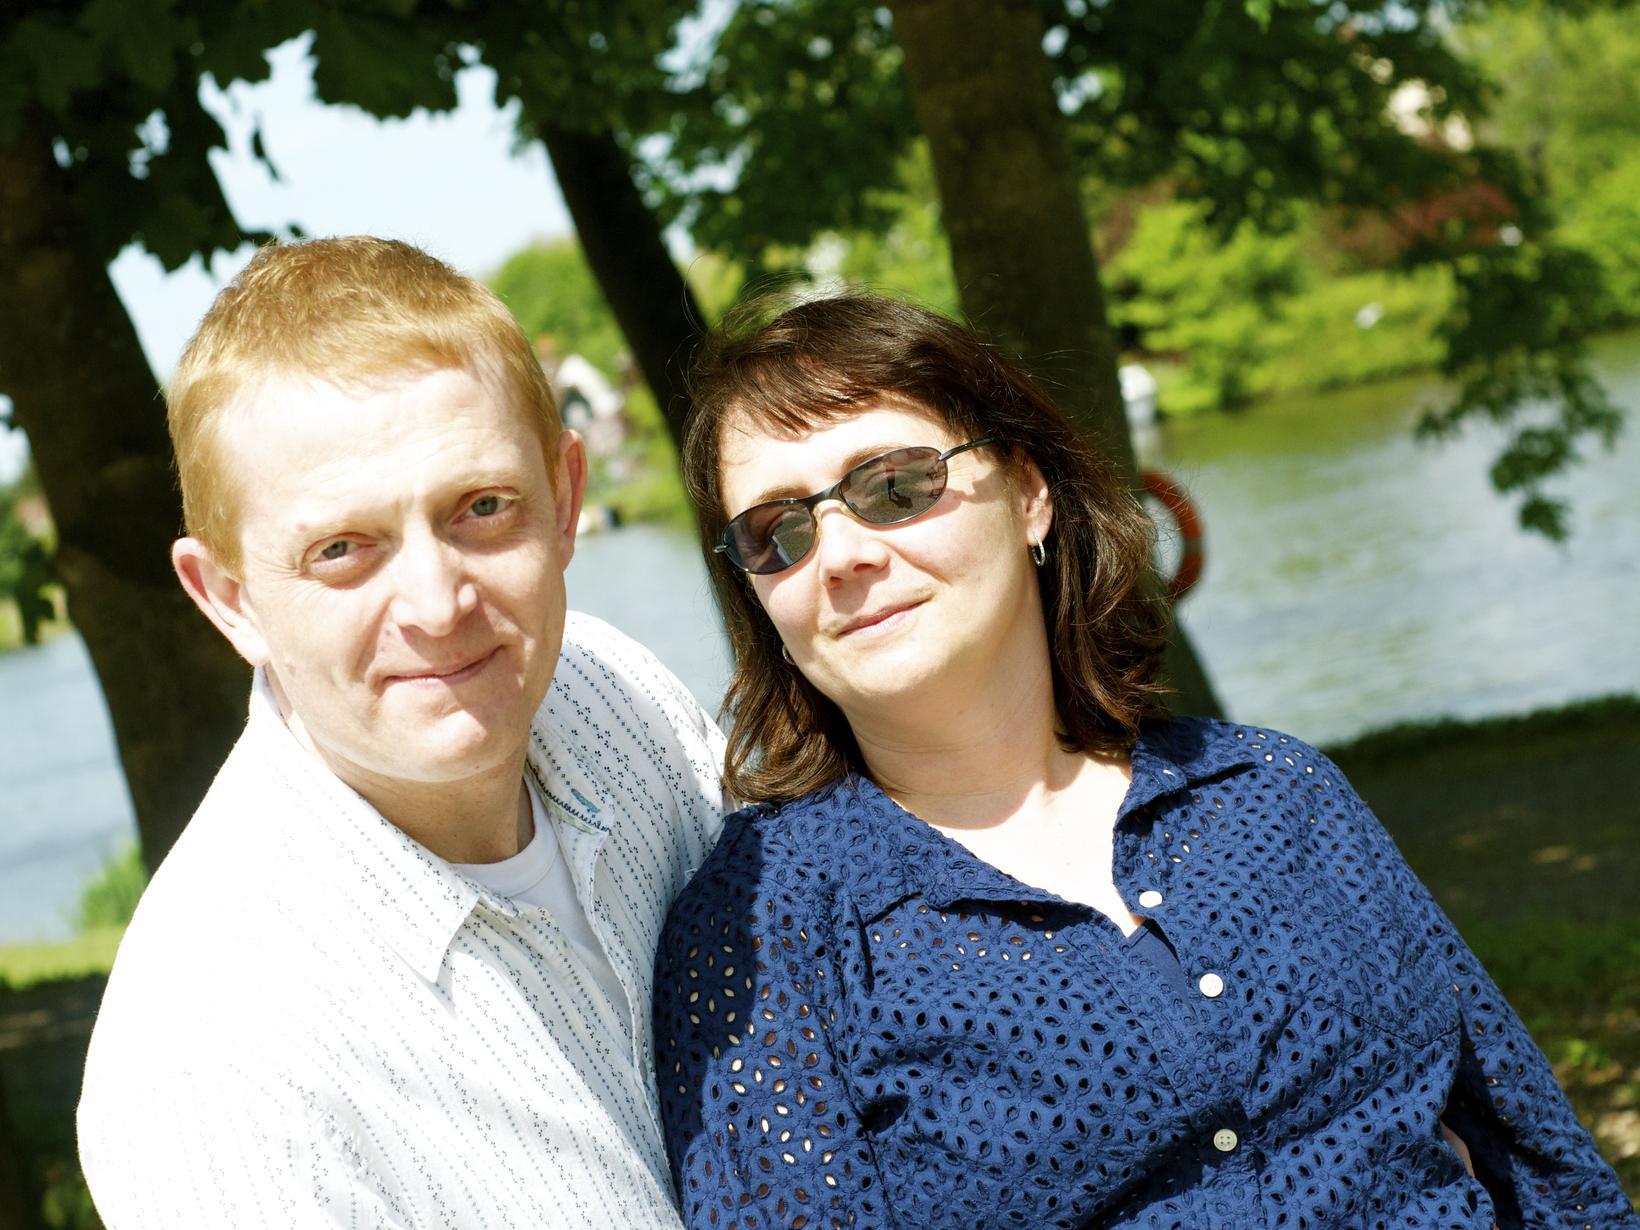 Jennifer & Matthew from London, United Kingdom